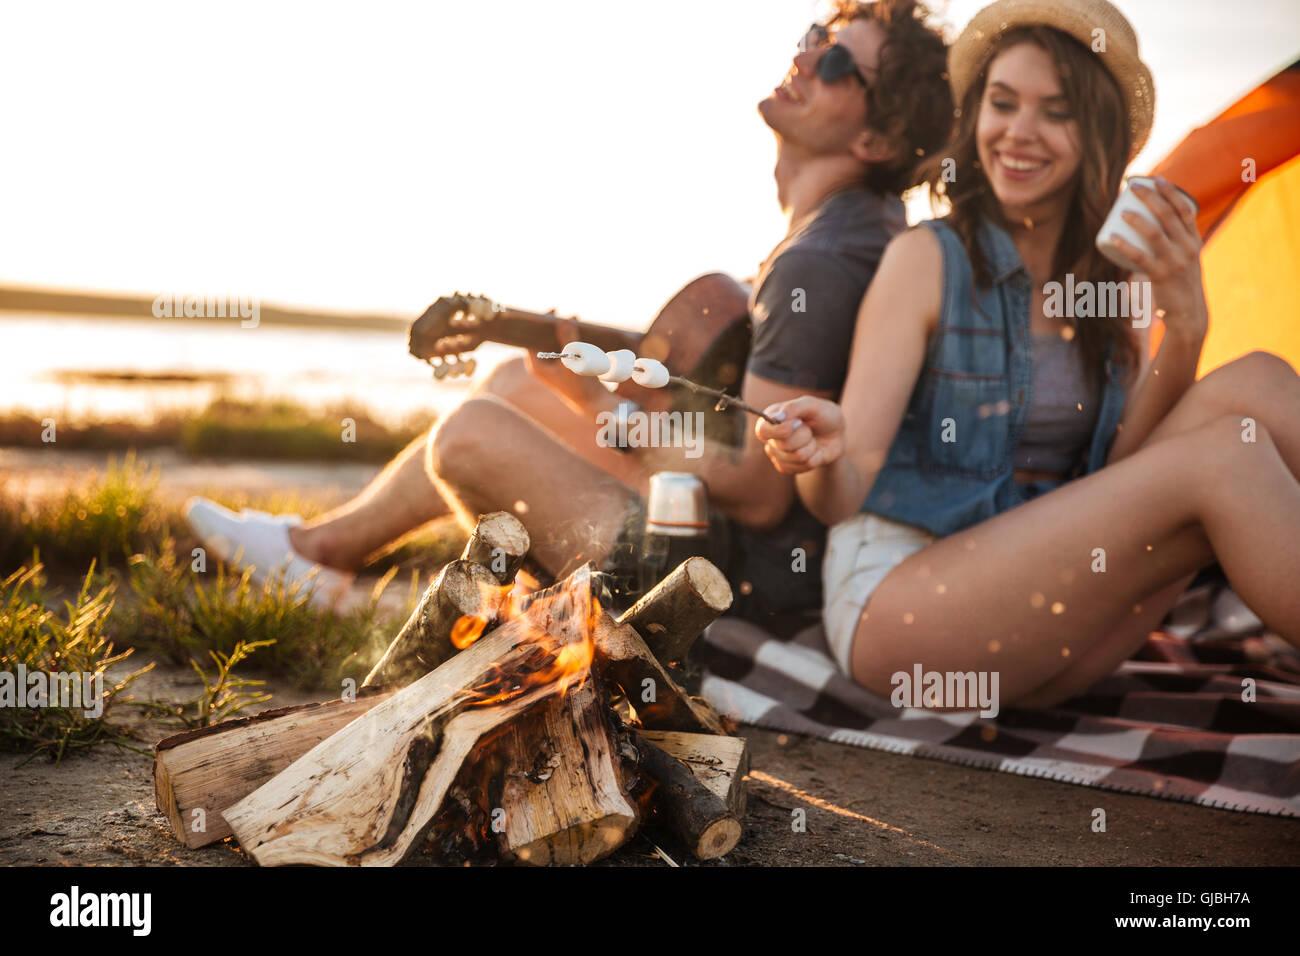 Fröhlich schöne junge Paar Gitarre spielen und Marshmallows am Lagerfeuer Braten Stockbild